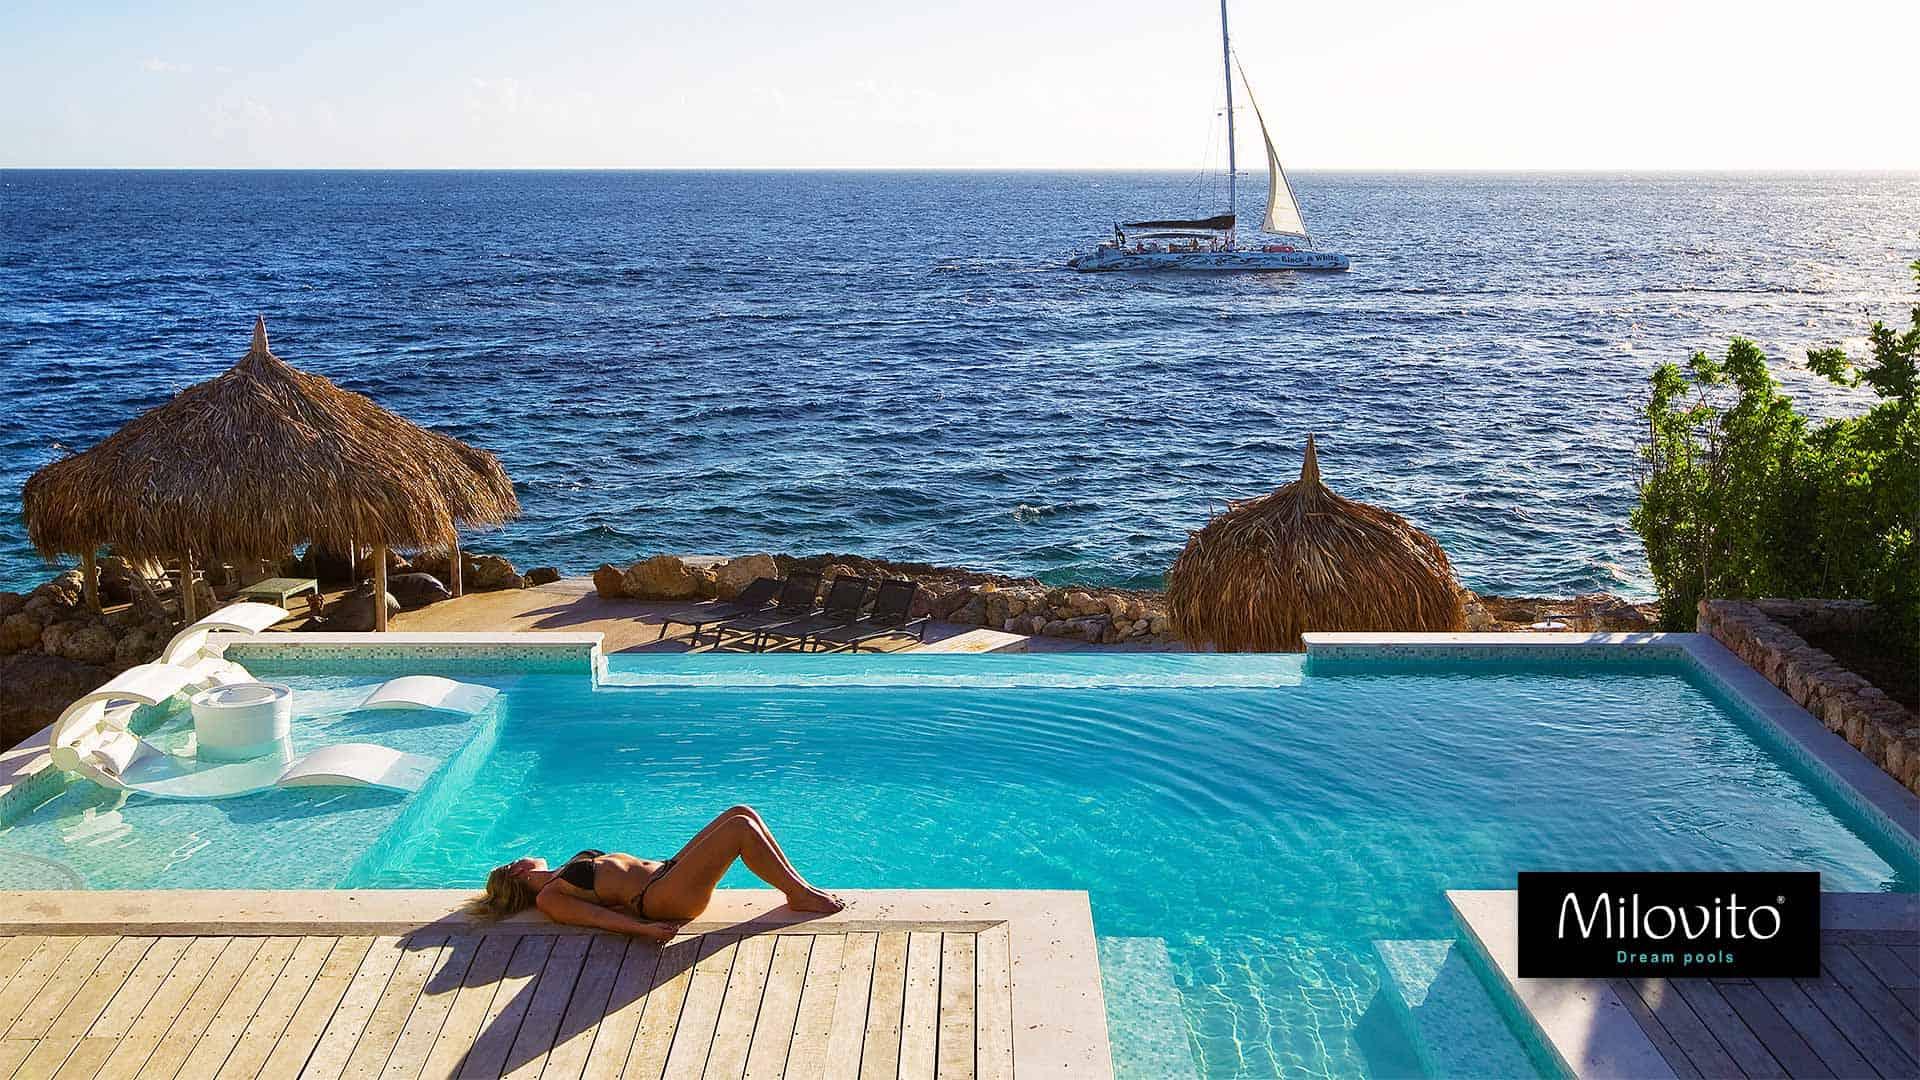 Zwembad Curacao groen aqua parelmoer glasmozaiek wit goud onderwater raam zee